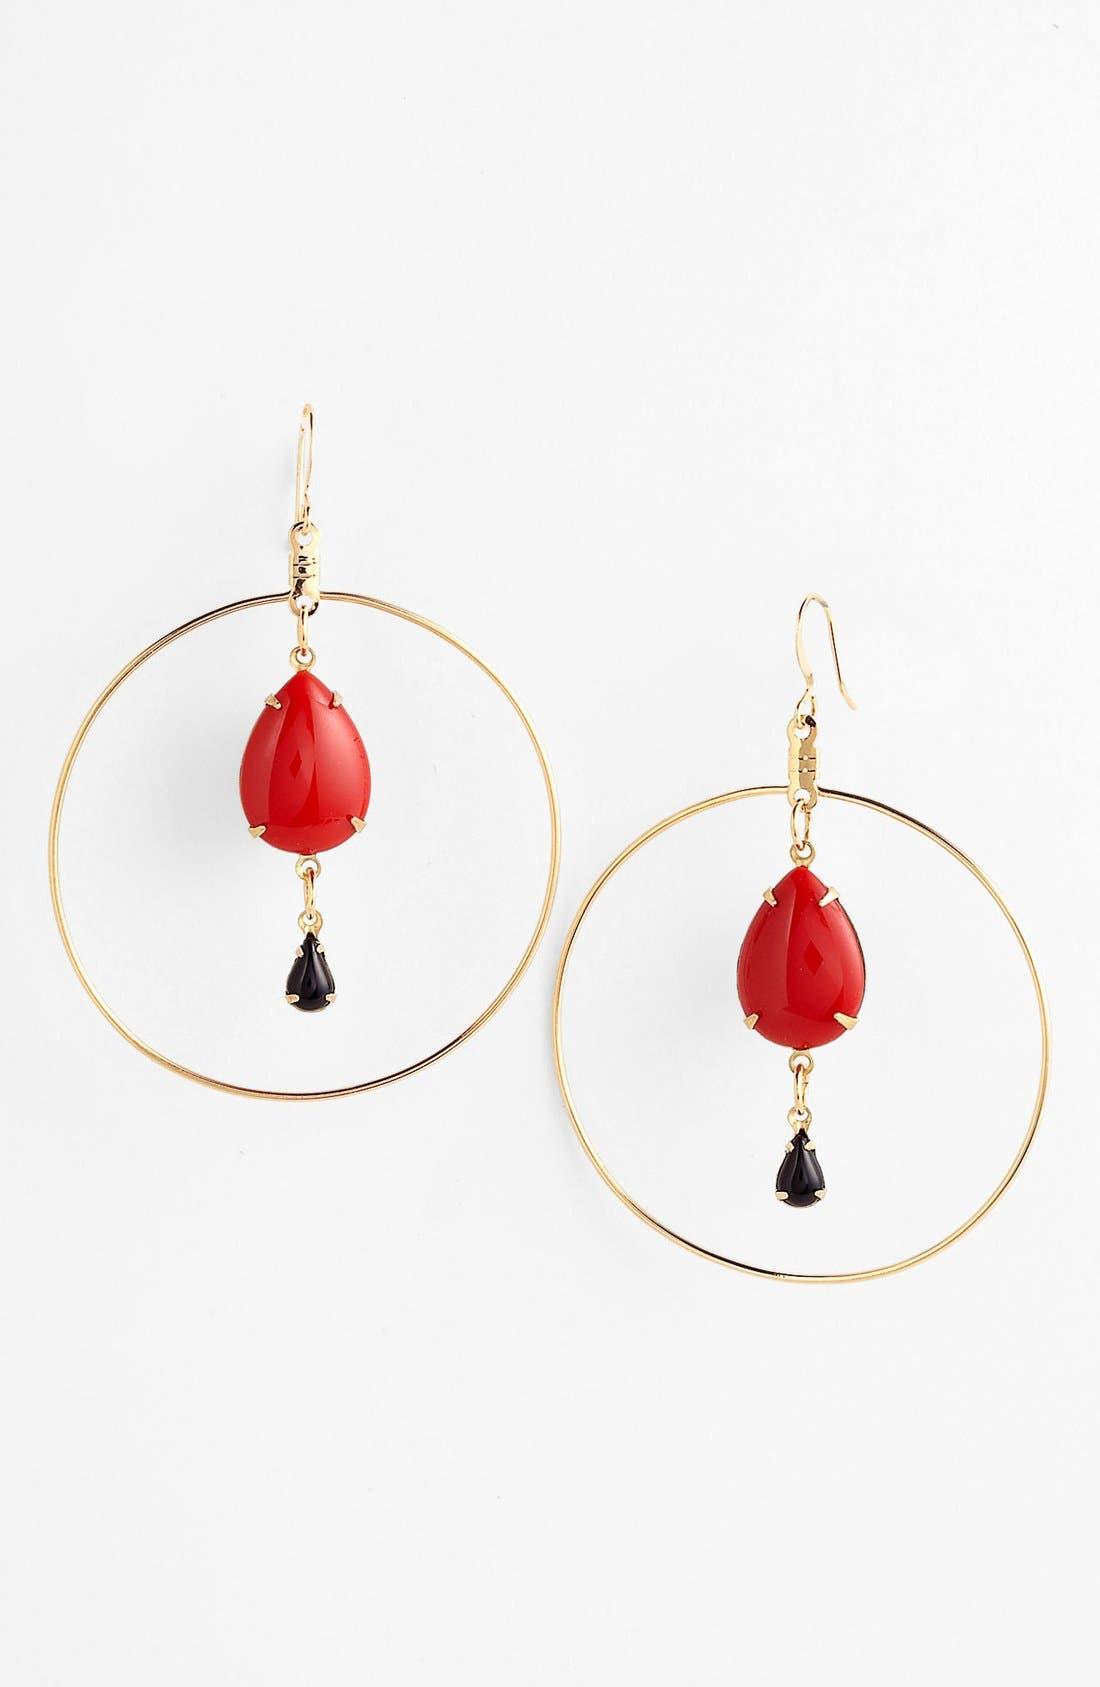 Alternate Image 1 Selected - Verdier Jewelry 'Caliente' Hoop Earrings